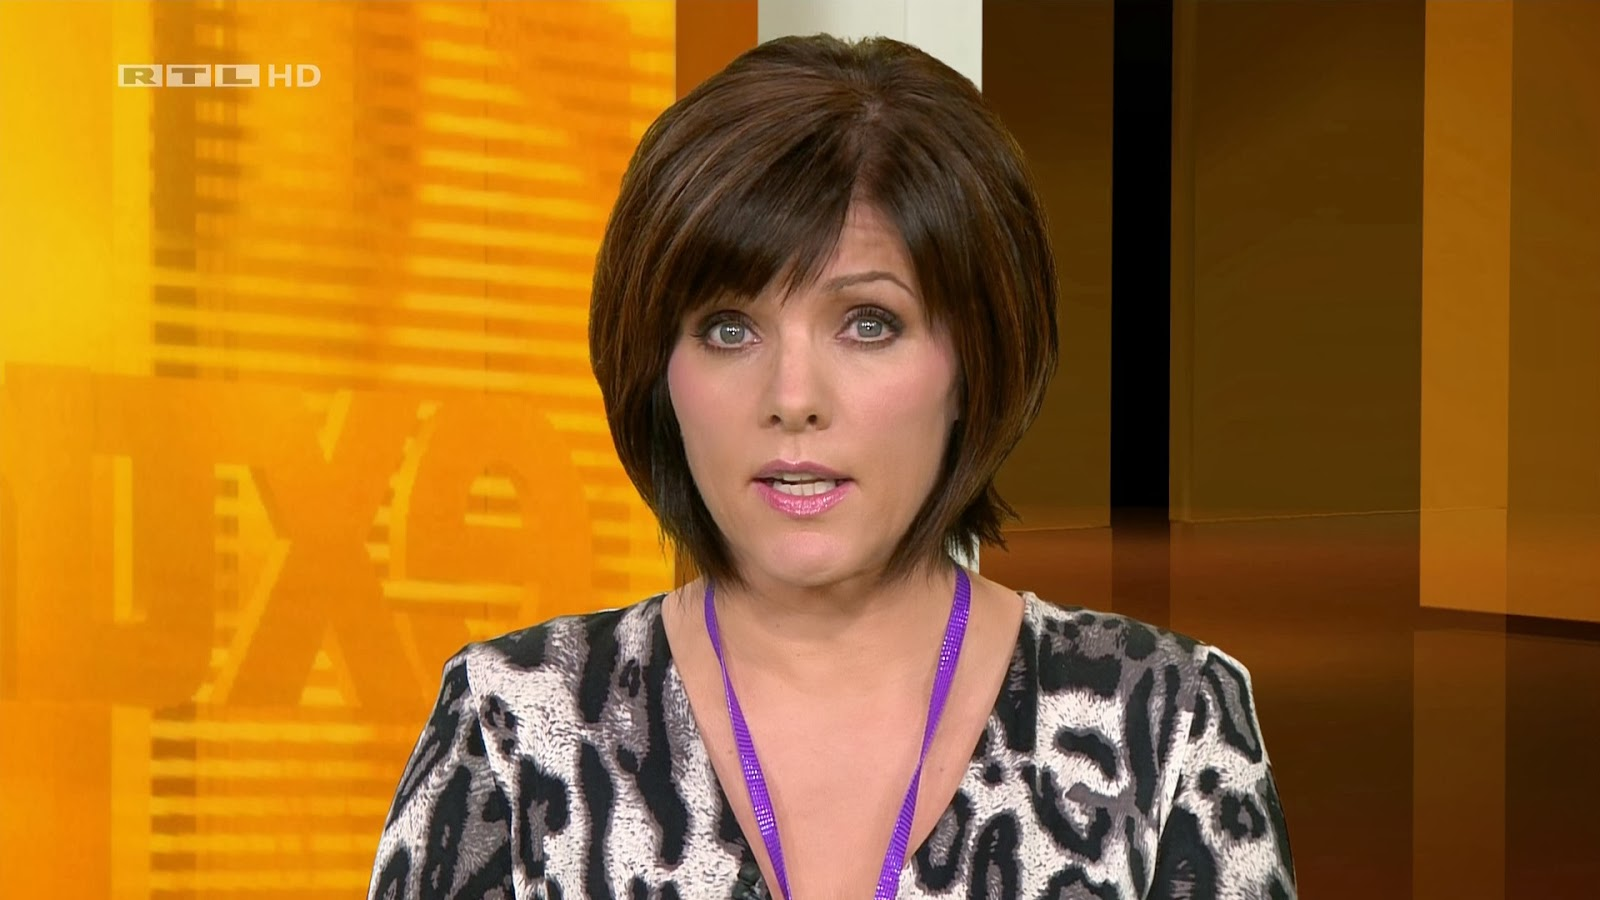 Birgit Schrowange TV Moderatorin: Die junge Liebe von